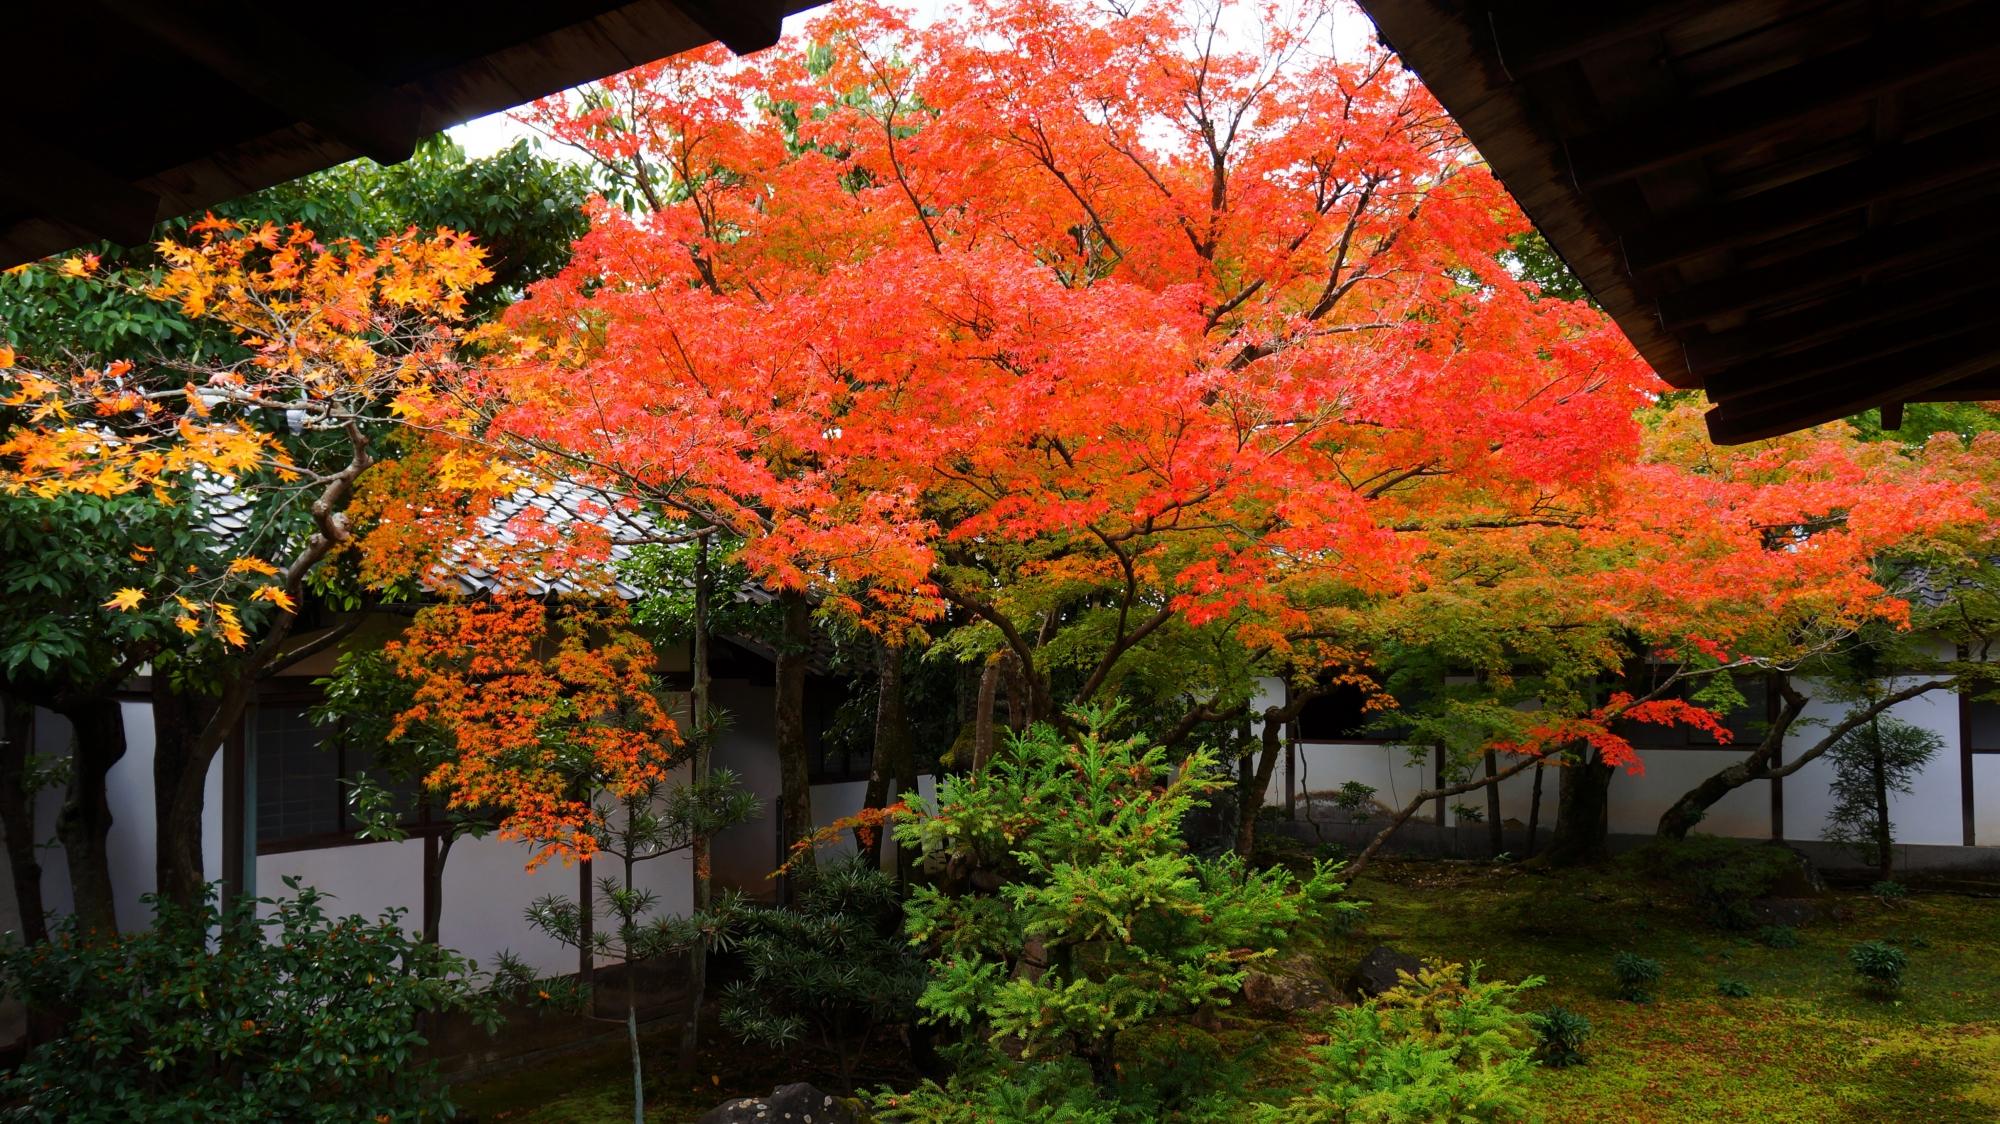 庇の下から溢れそうな華やかな紅葉